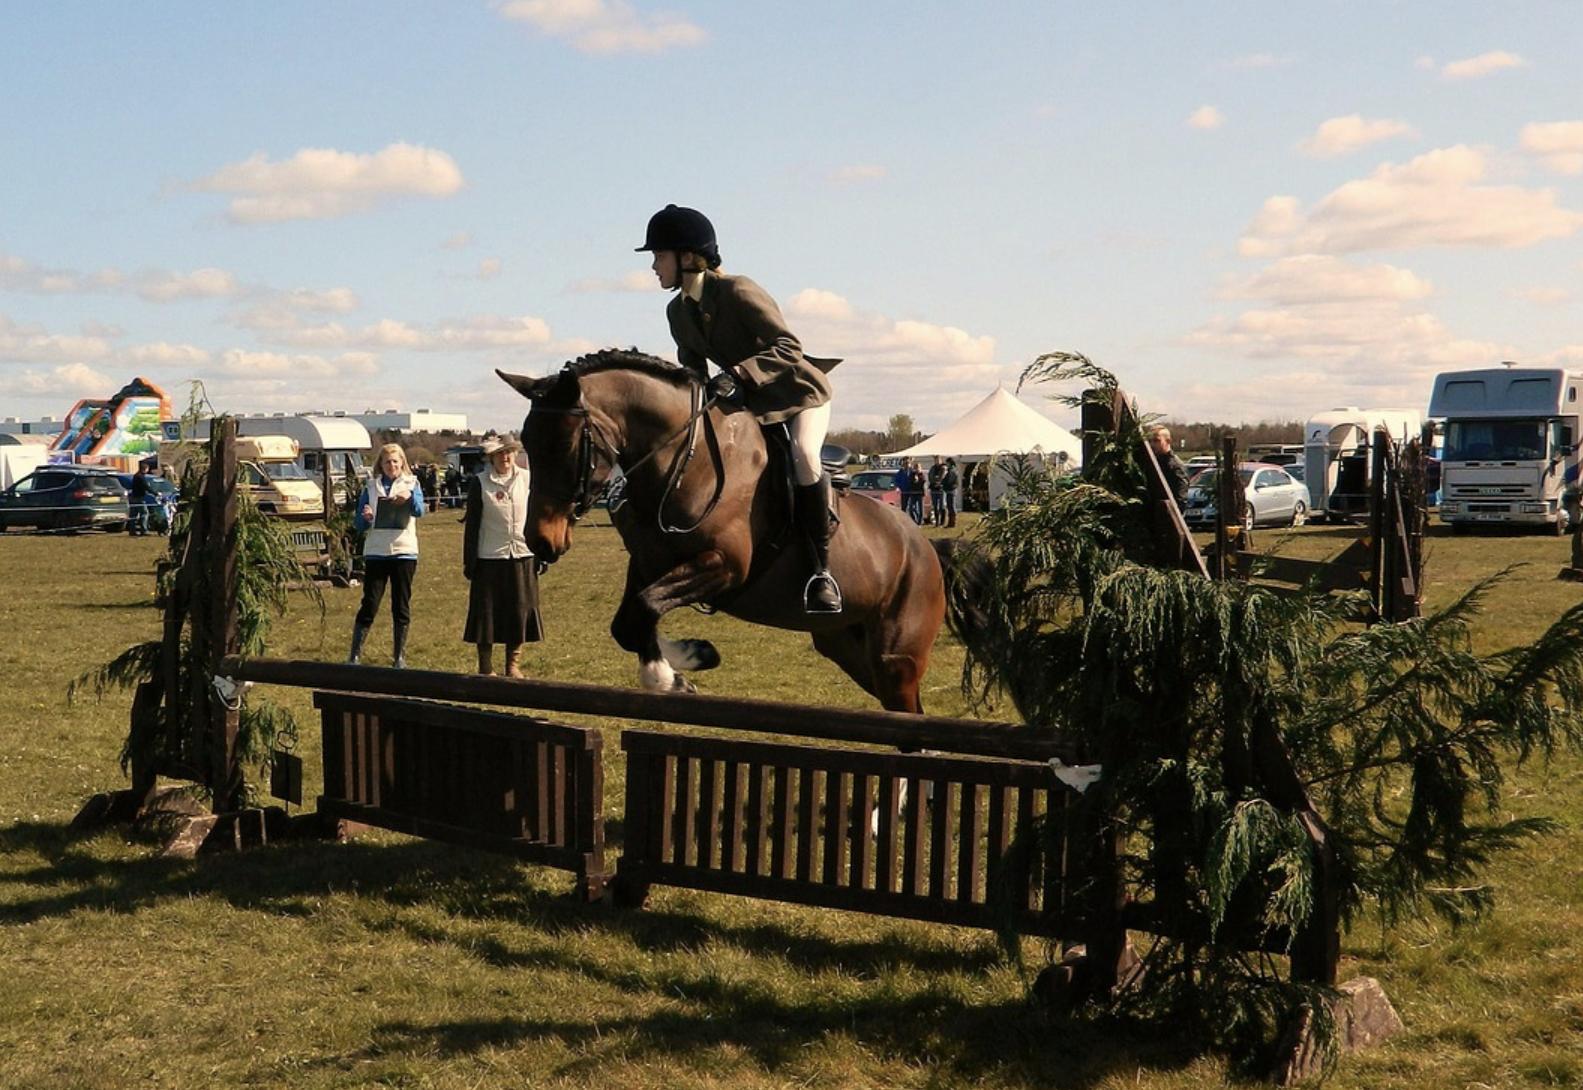 Rider in tan coat jumps a rustic jump